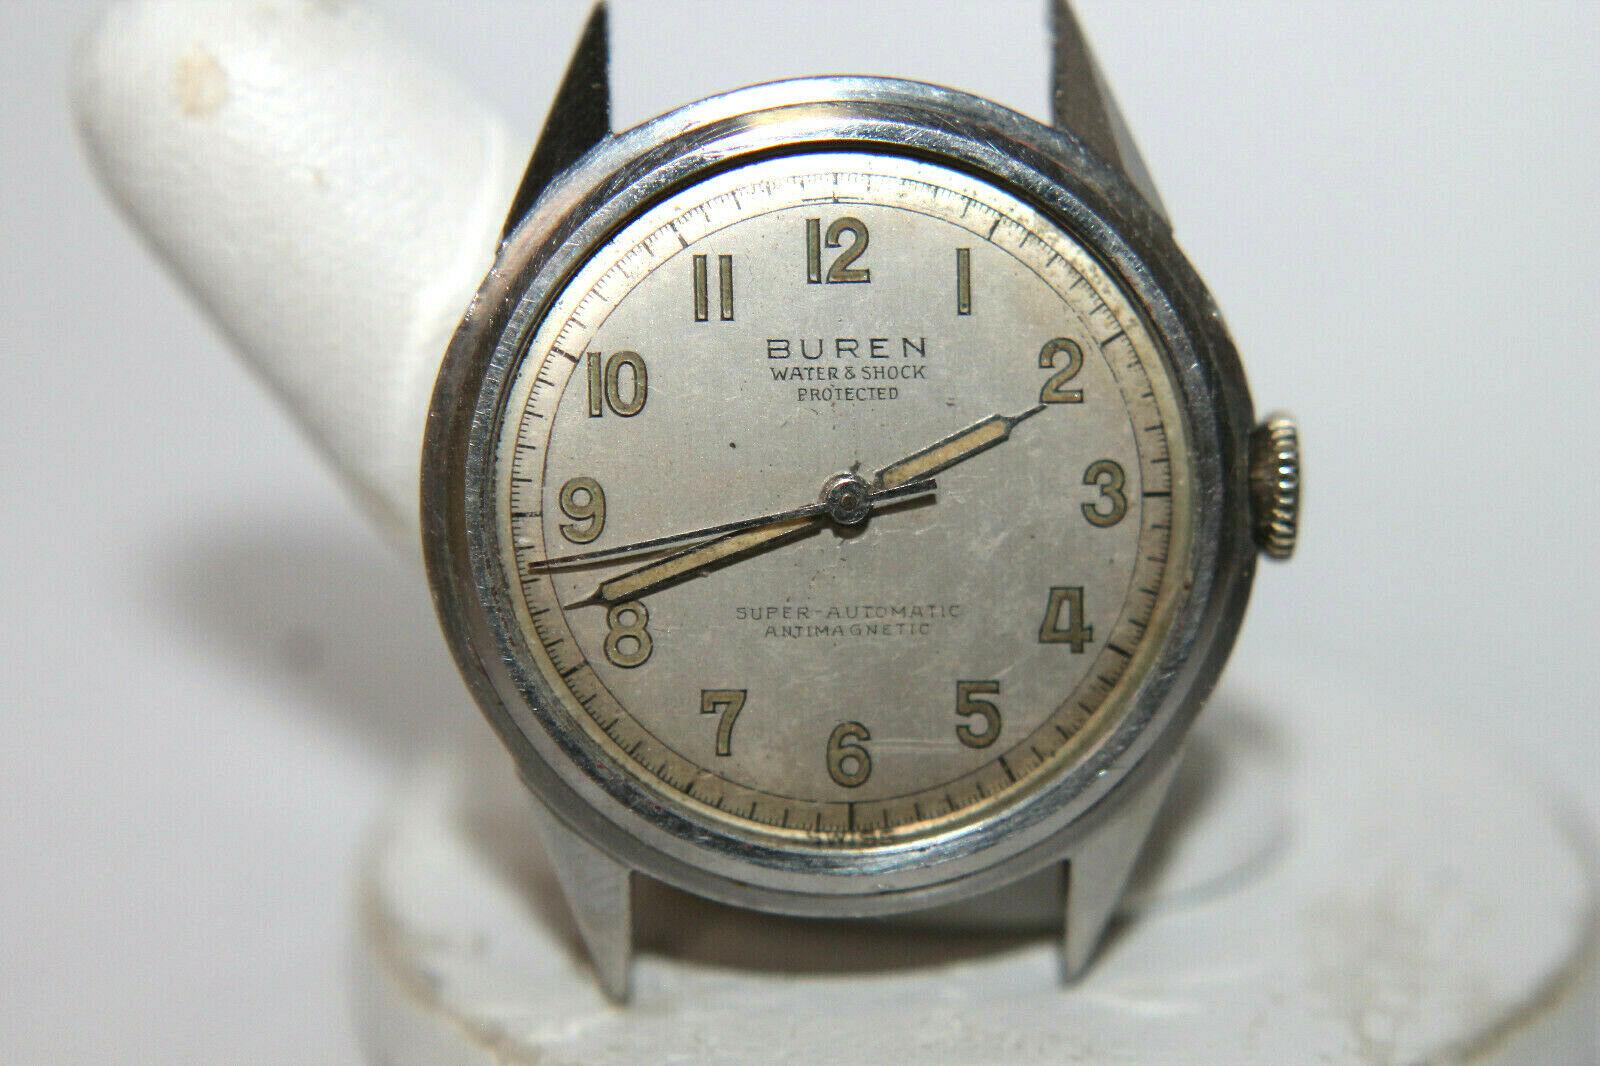 Buren Super-Automatic mit dem Kaliber 525 auf ebay für 240 Dollar